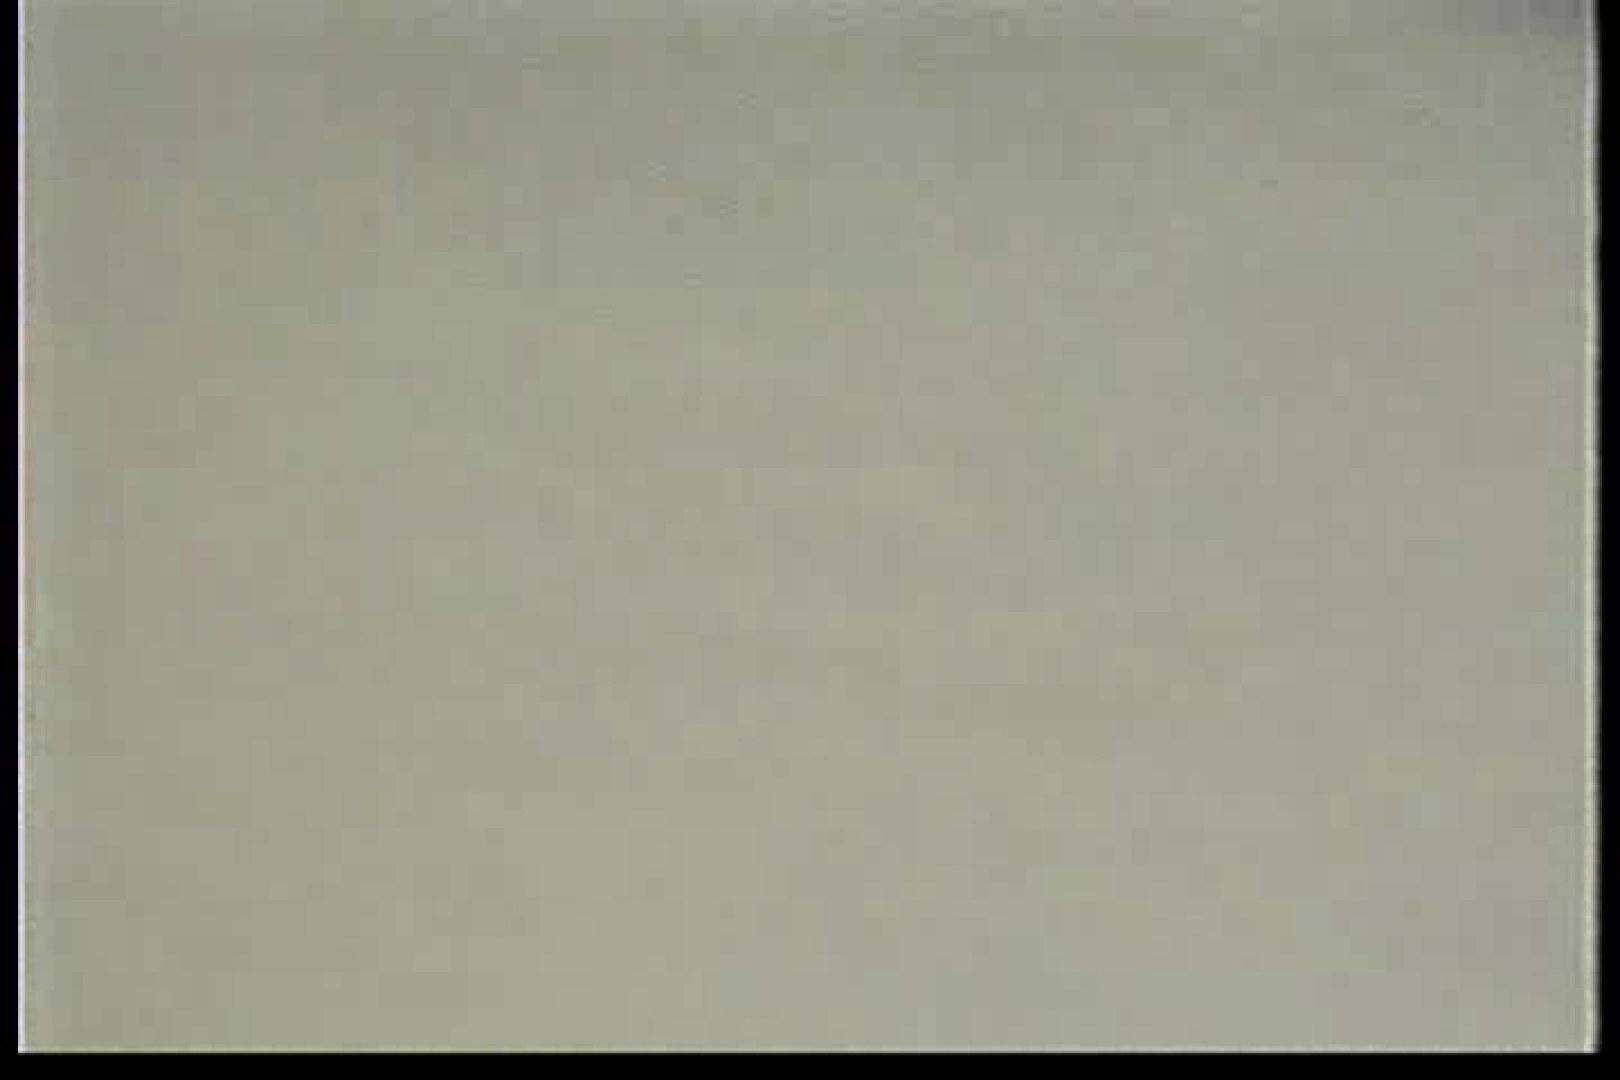 院内密着!看護婦達の下半身事情Vol.3 下半身 濡れ場動画紹介 112PICs 11